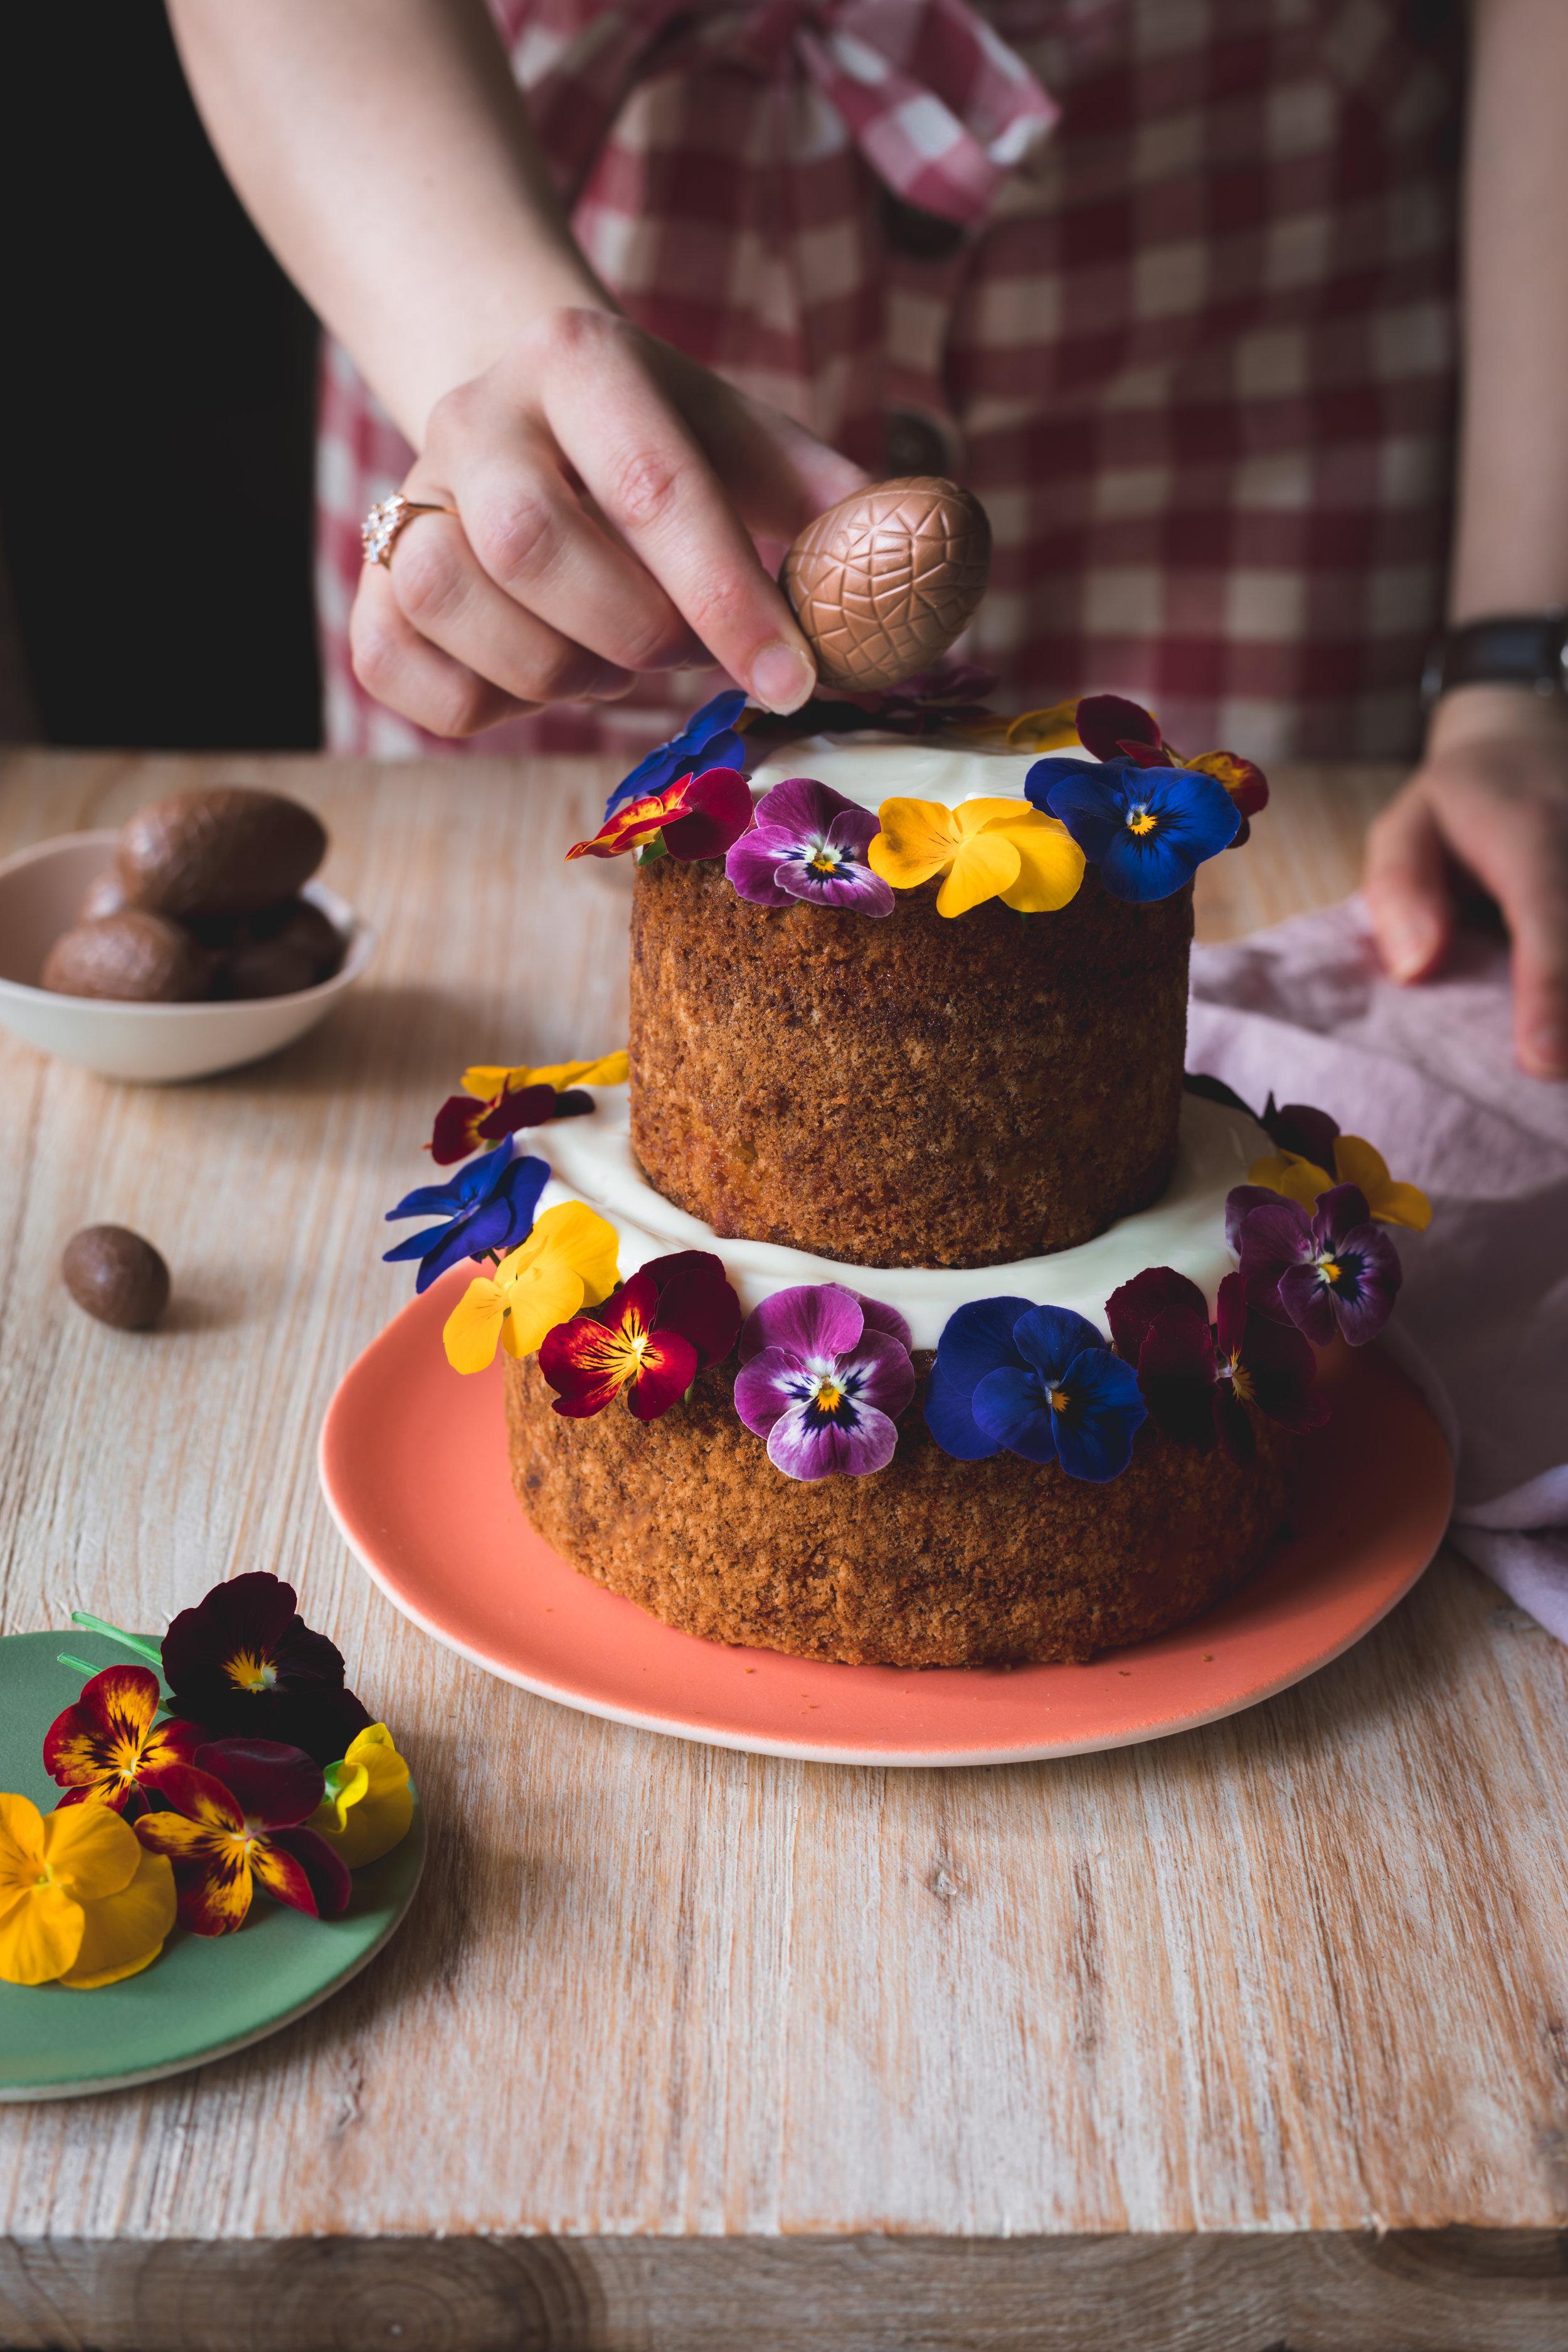 Une petite ambiance de Pâques en décorant le gâteau à la carotte et aux noix de pécan avec des oeufs en chocolat.